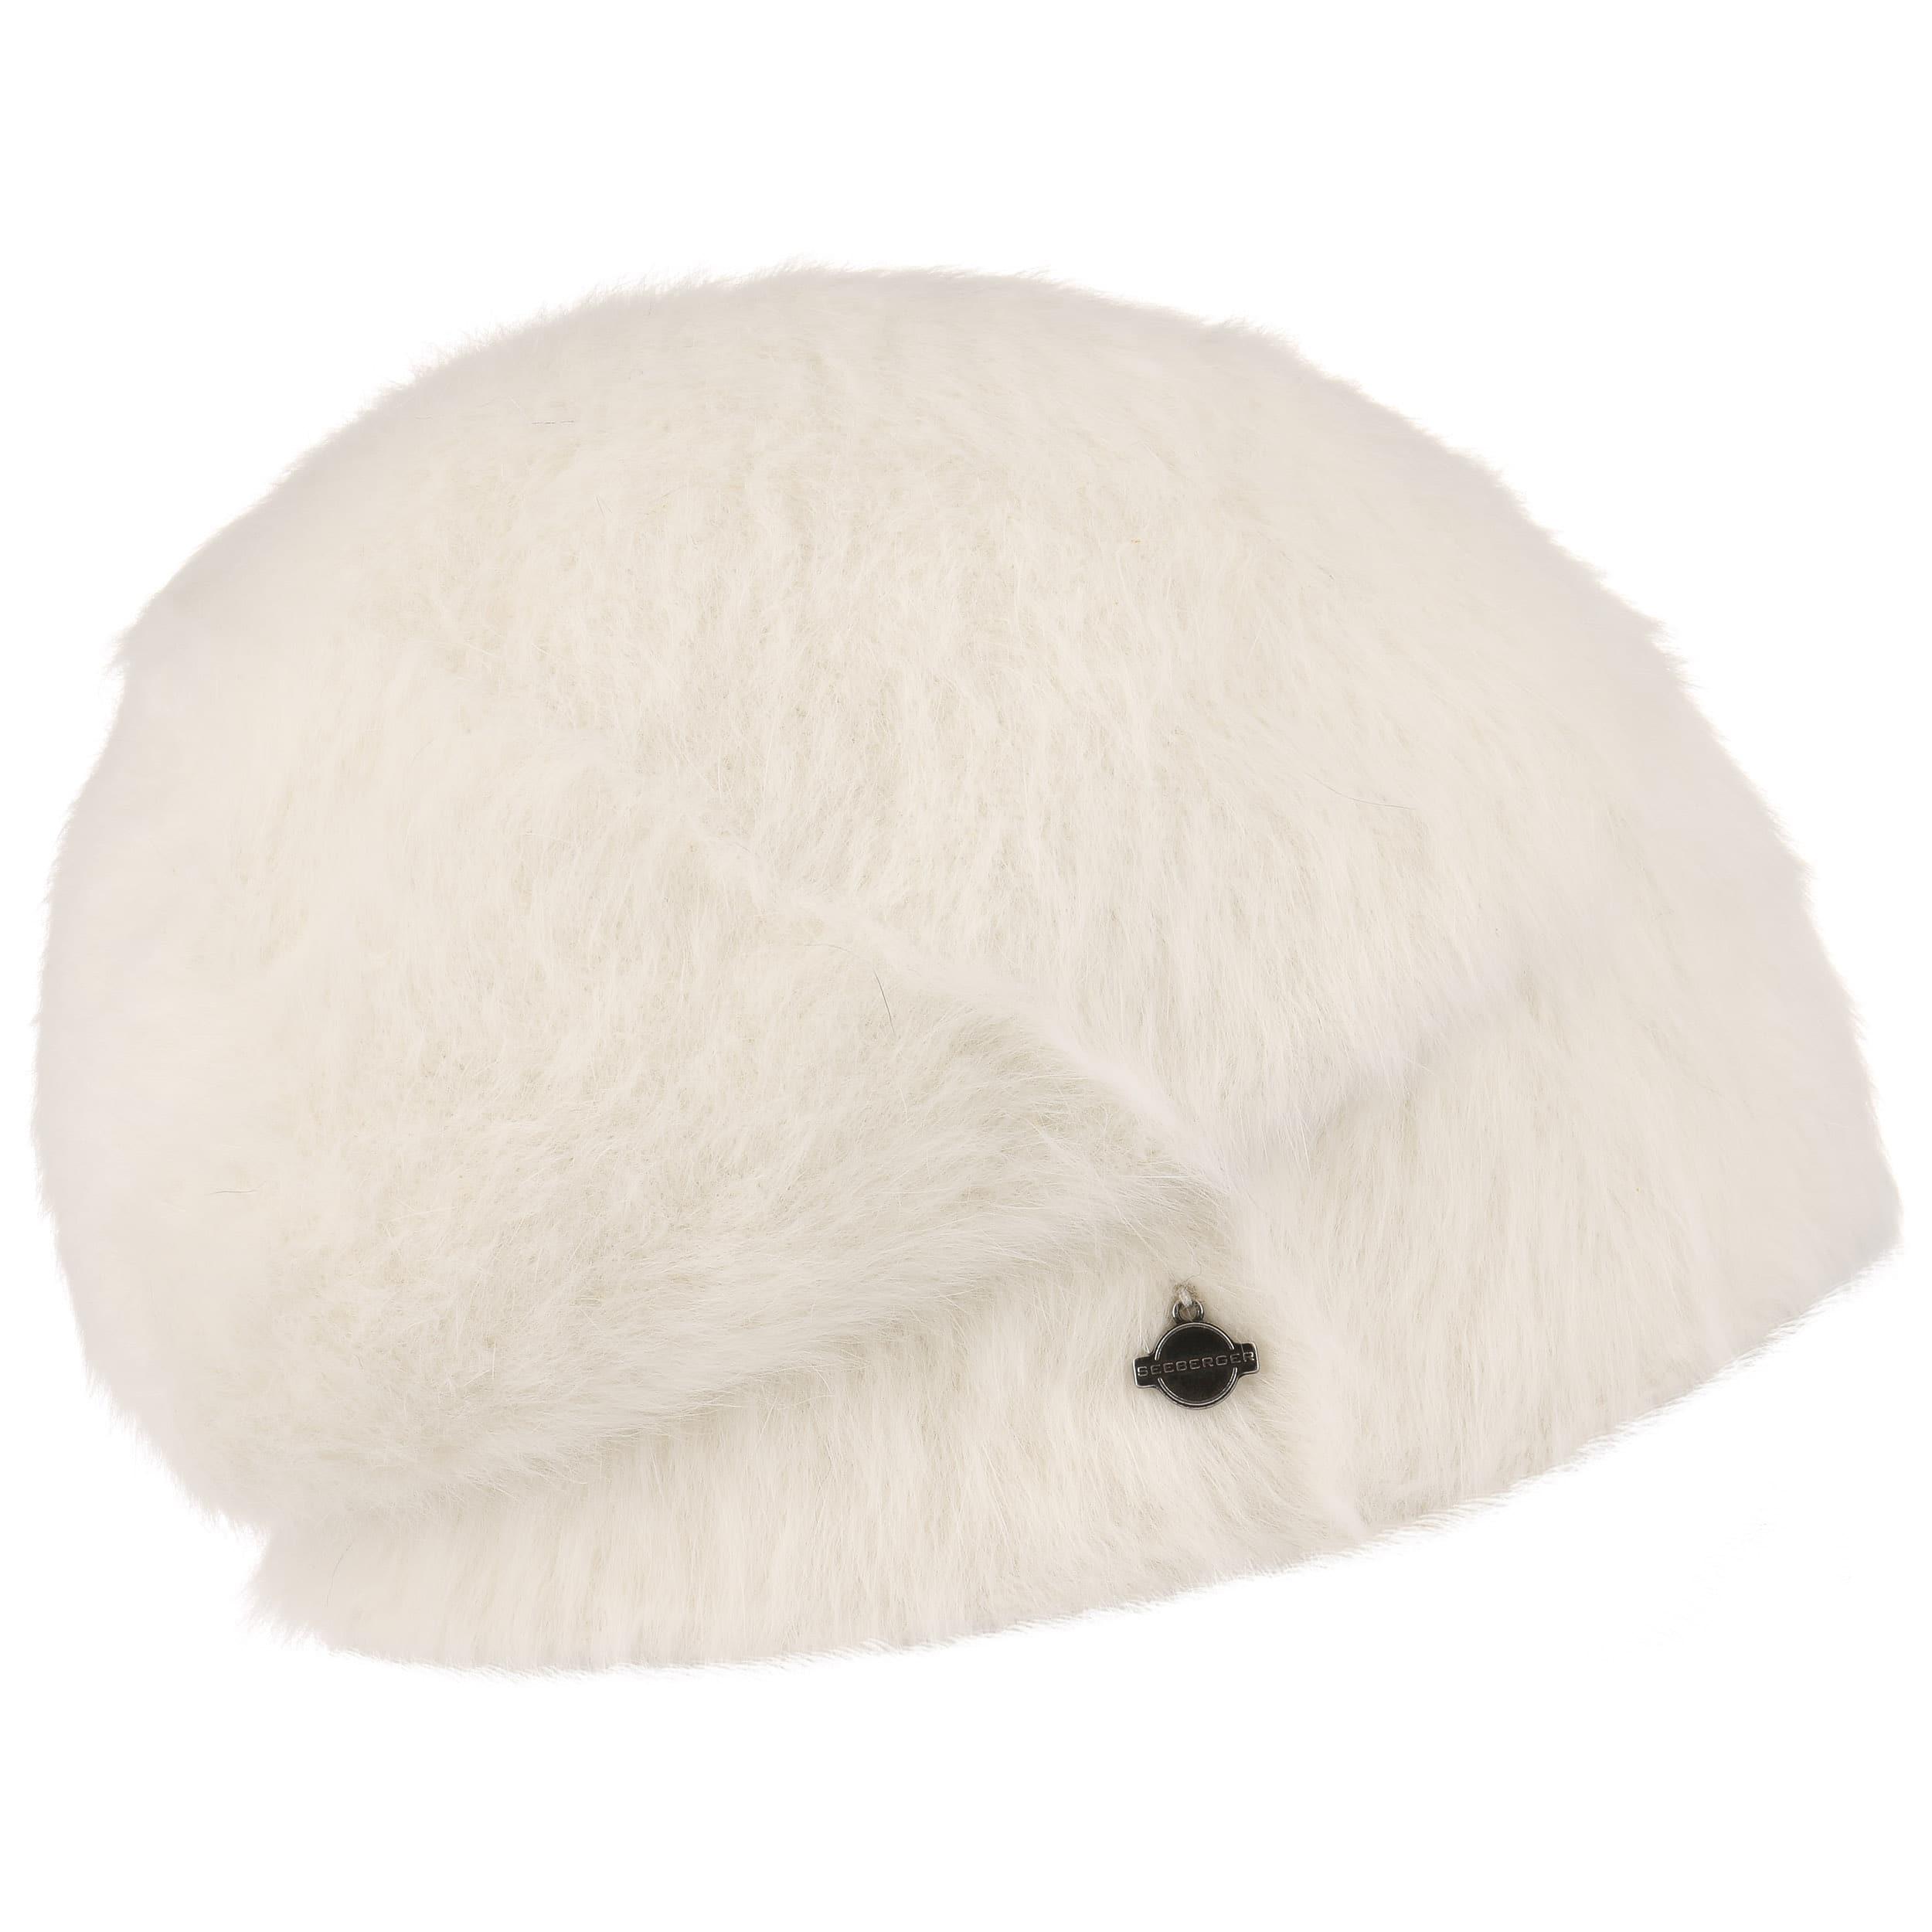 ... Angora Beanie by Seeberger - cream white 3 ... d13c9f68a7d